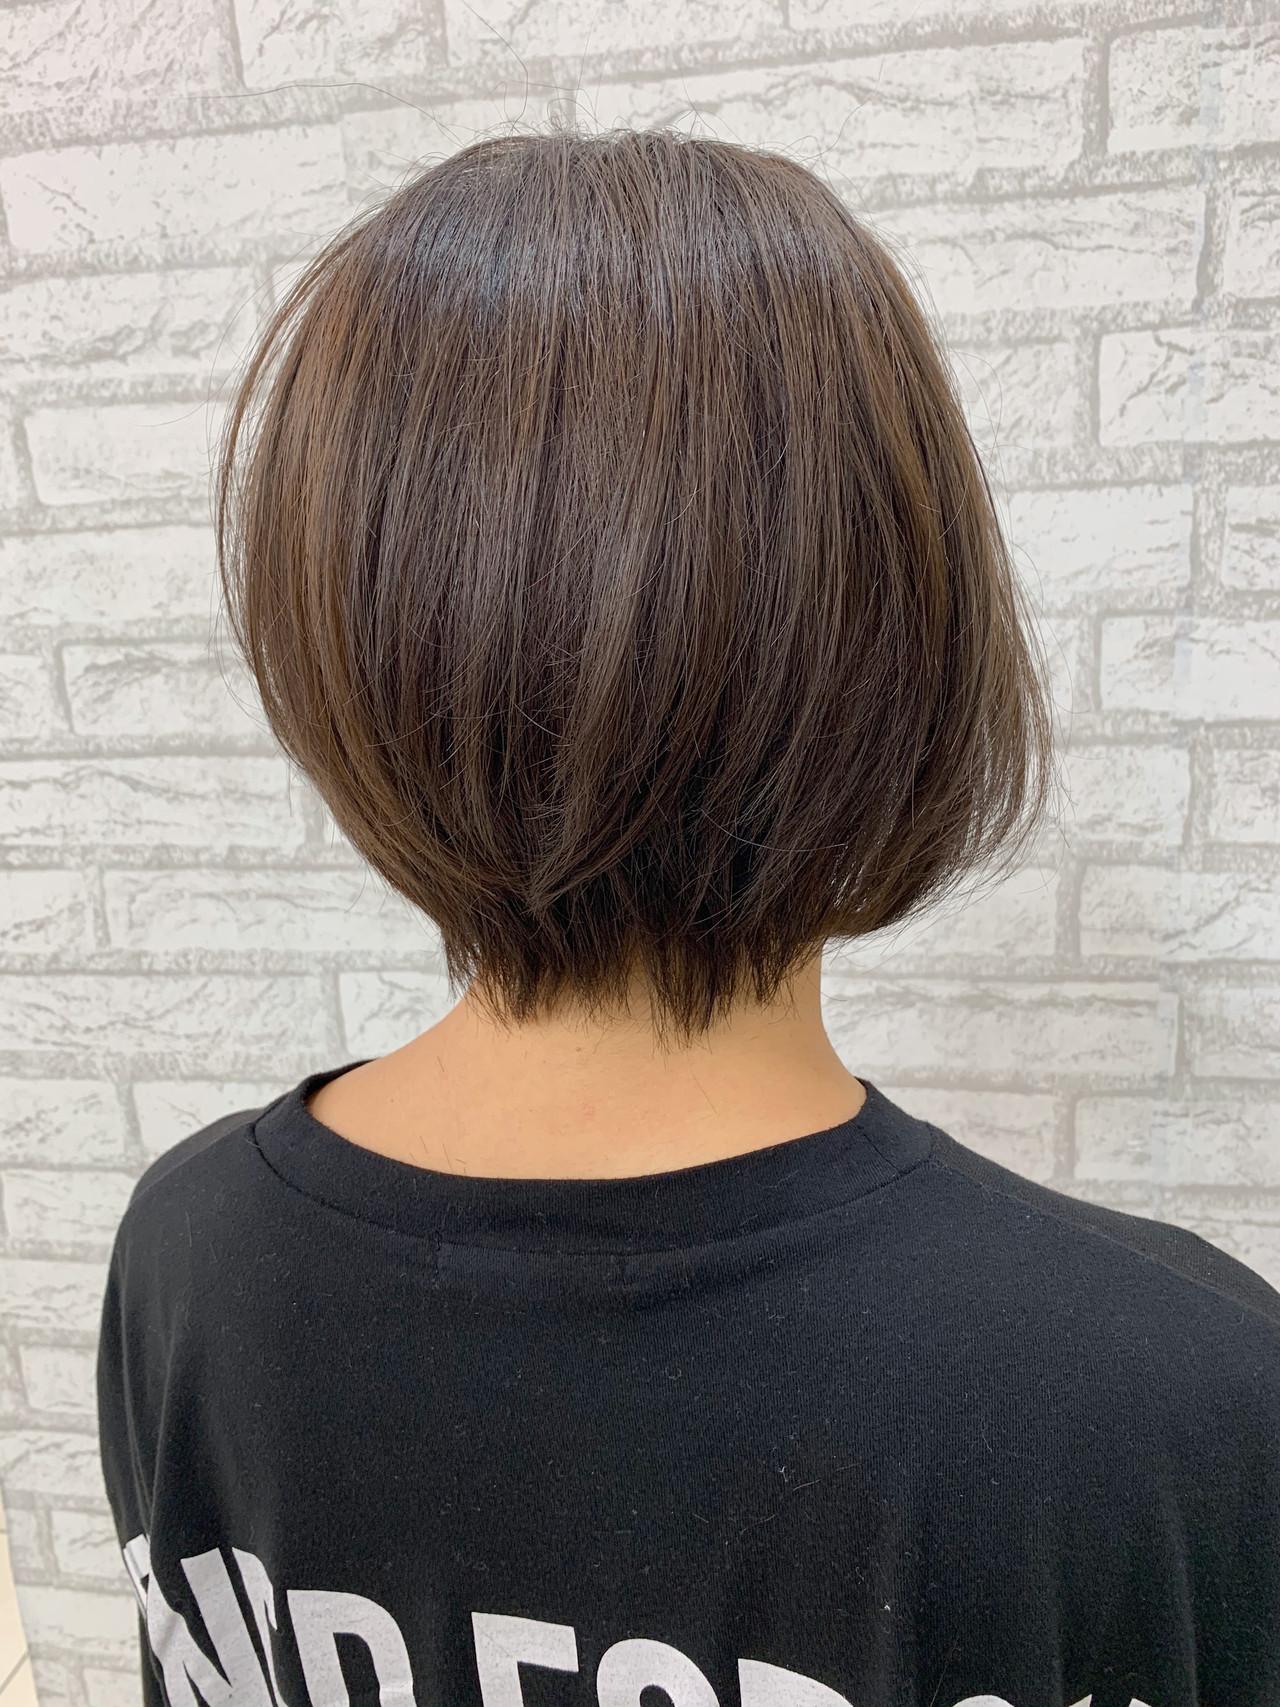 アディクシーカラー 耳掛けショート ショートヘア ナチュラルヘアスタイルや髪型の写真・画像